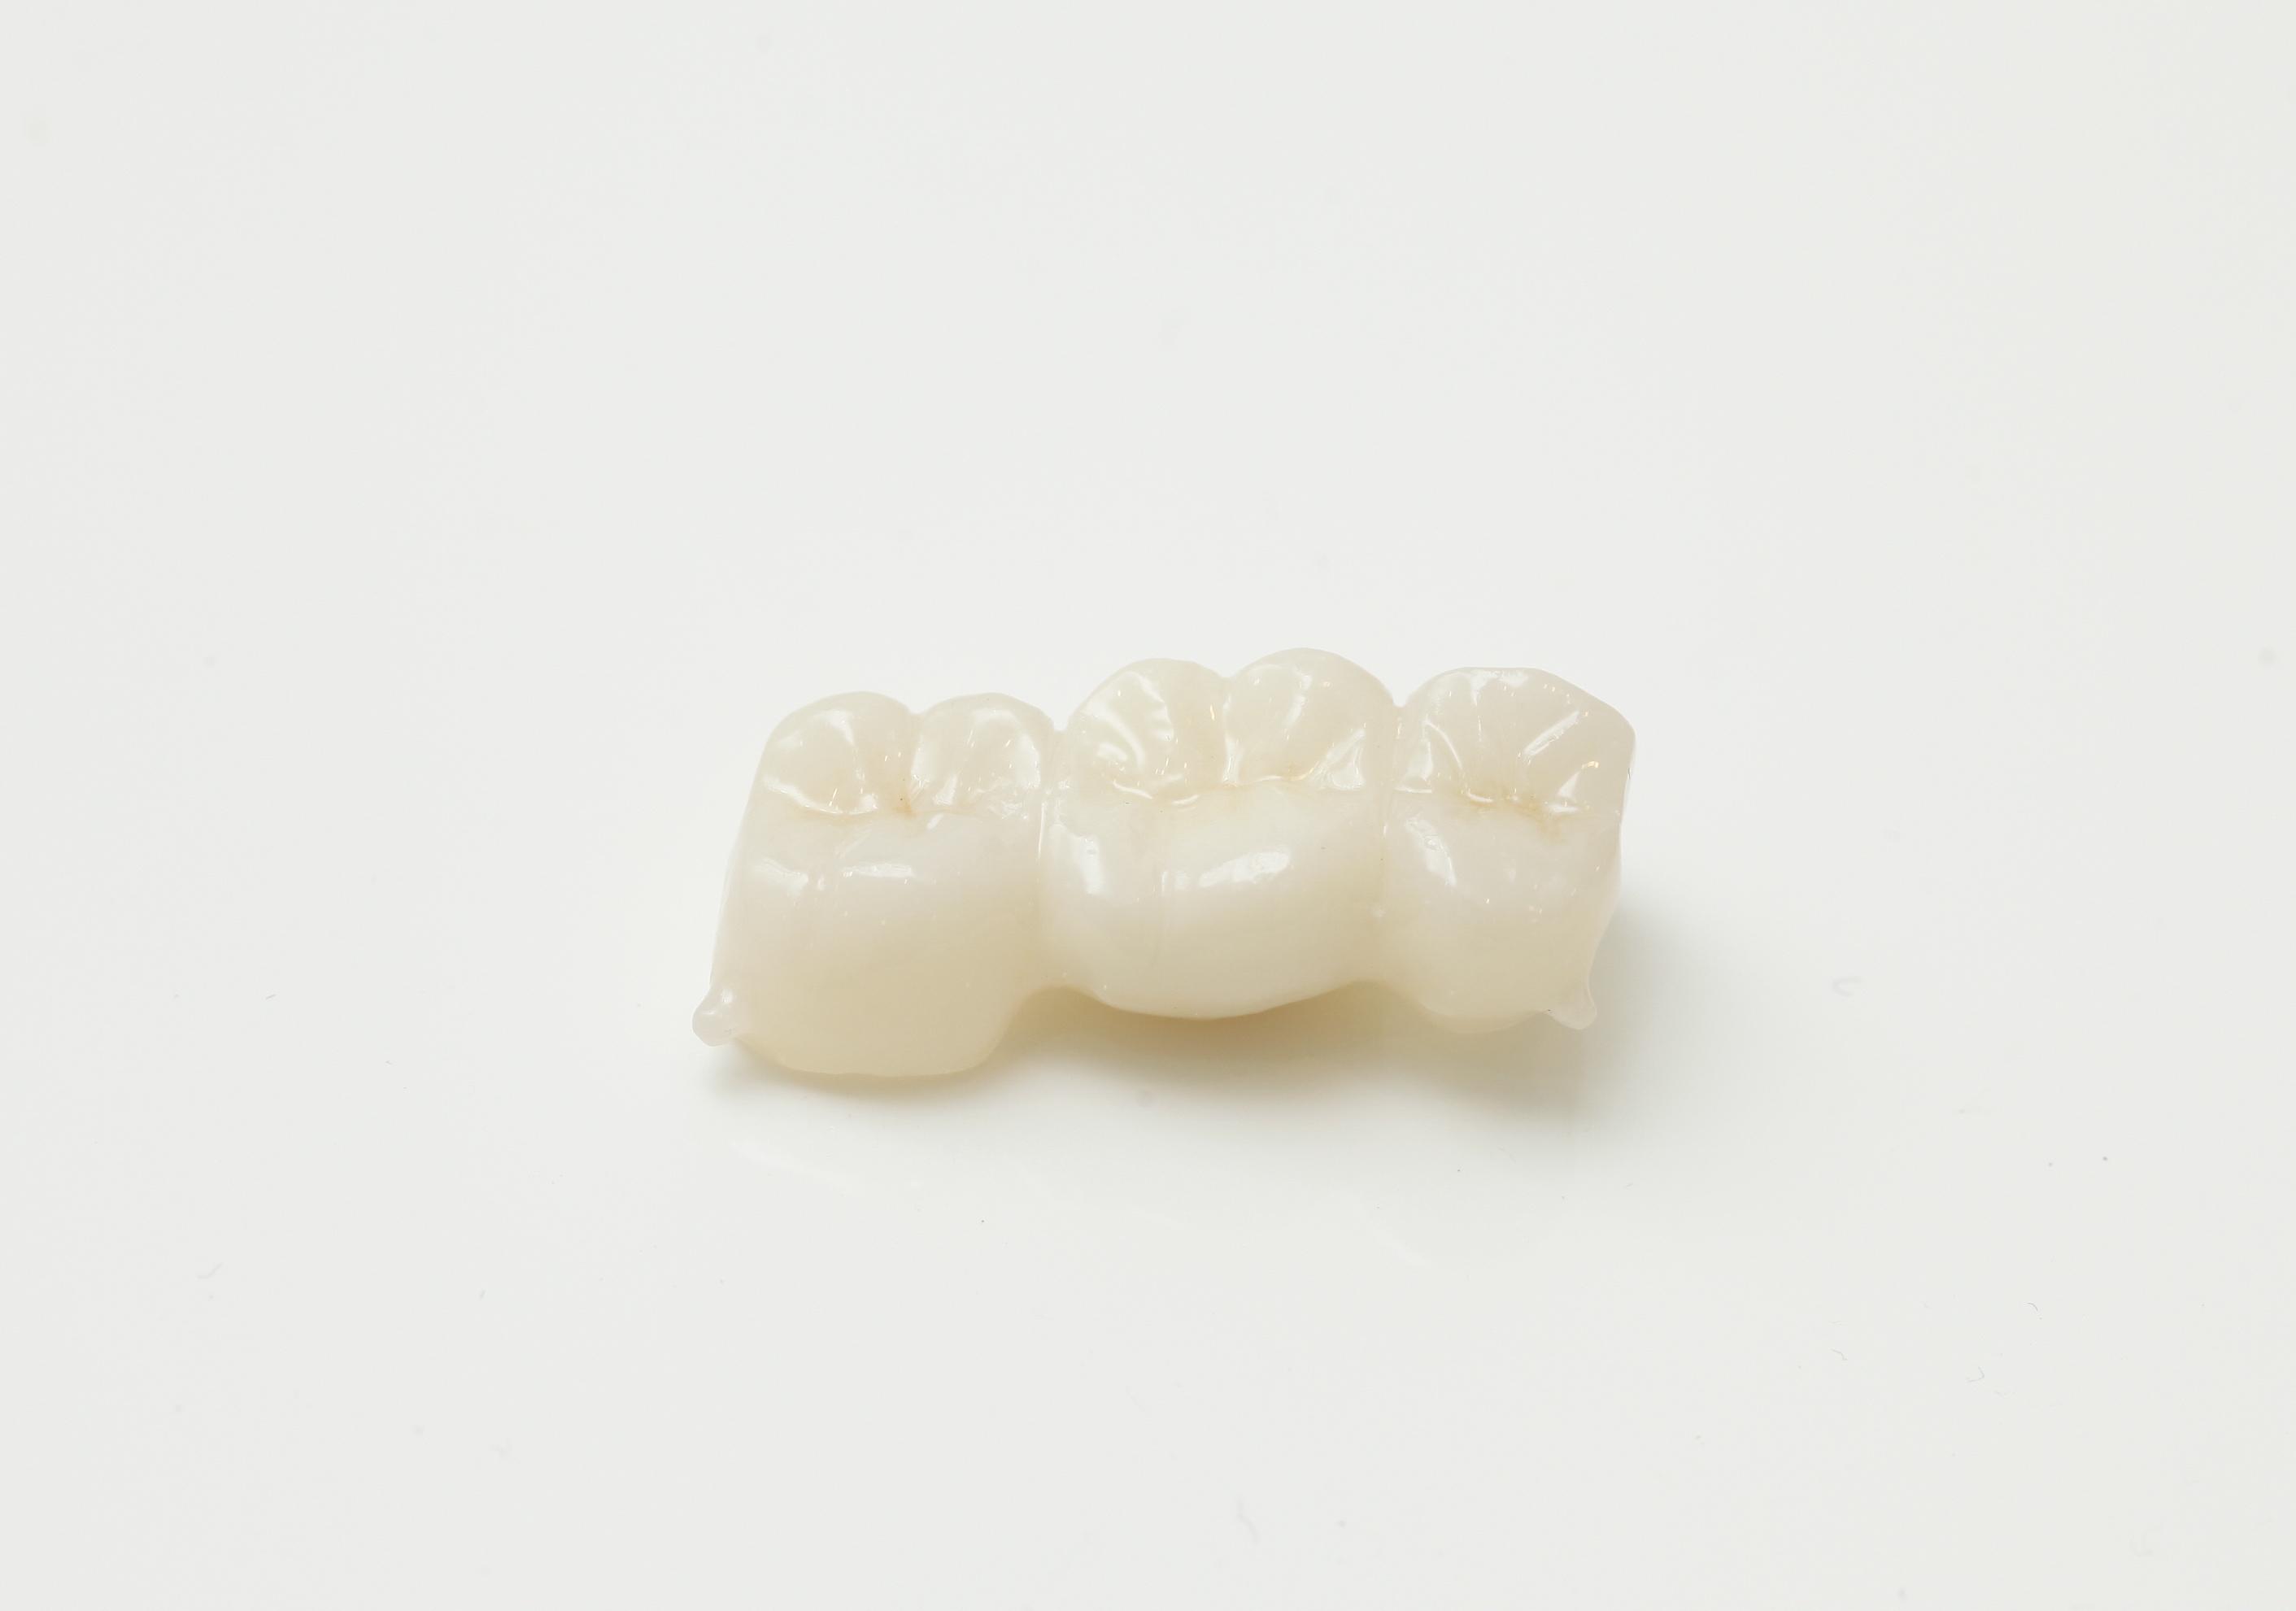 ジルコニアクラウンは対合の歯が削れる?削れない?に答えます。